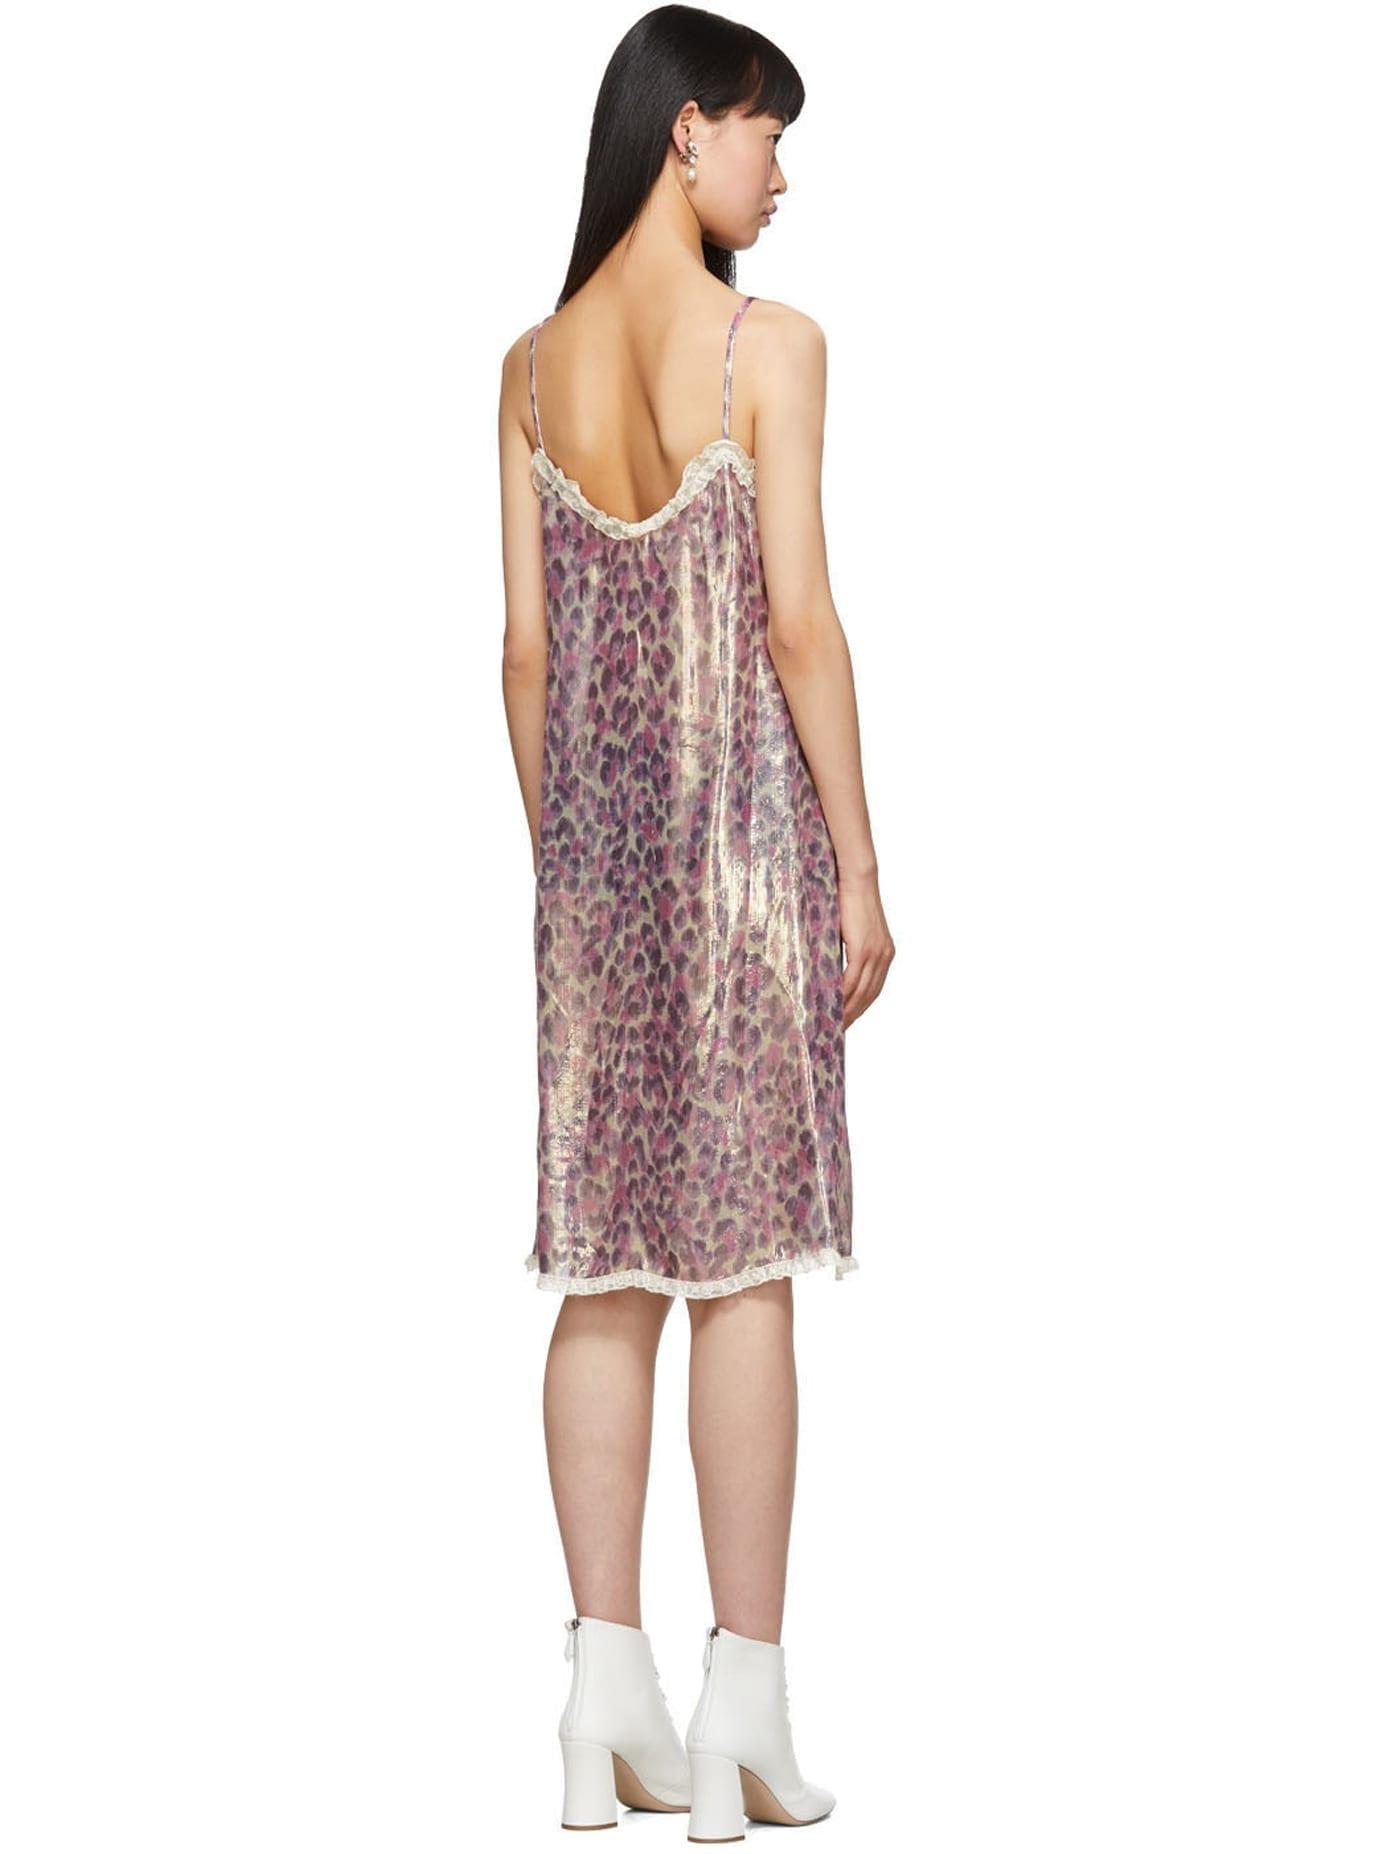 MIU MIU Pink Silk Chiffon Print Dress